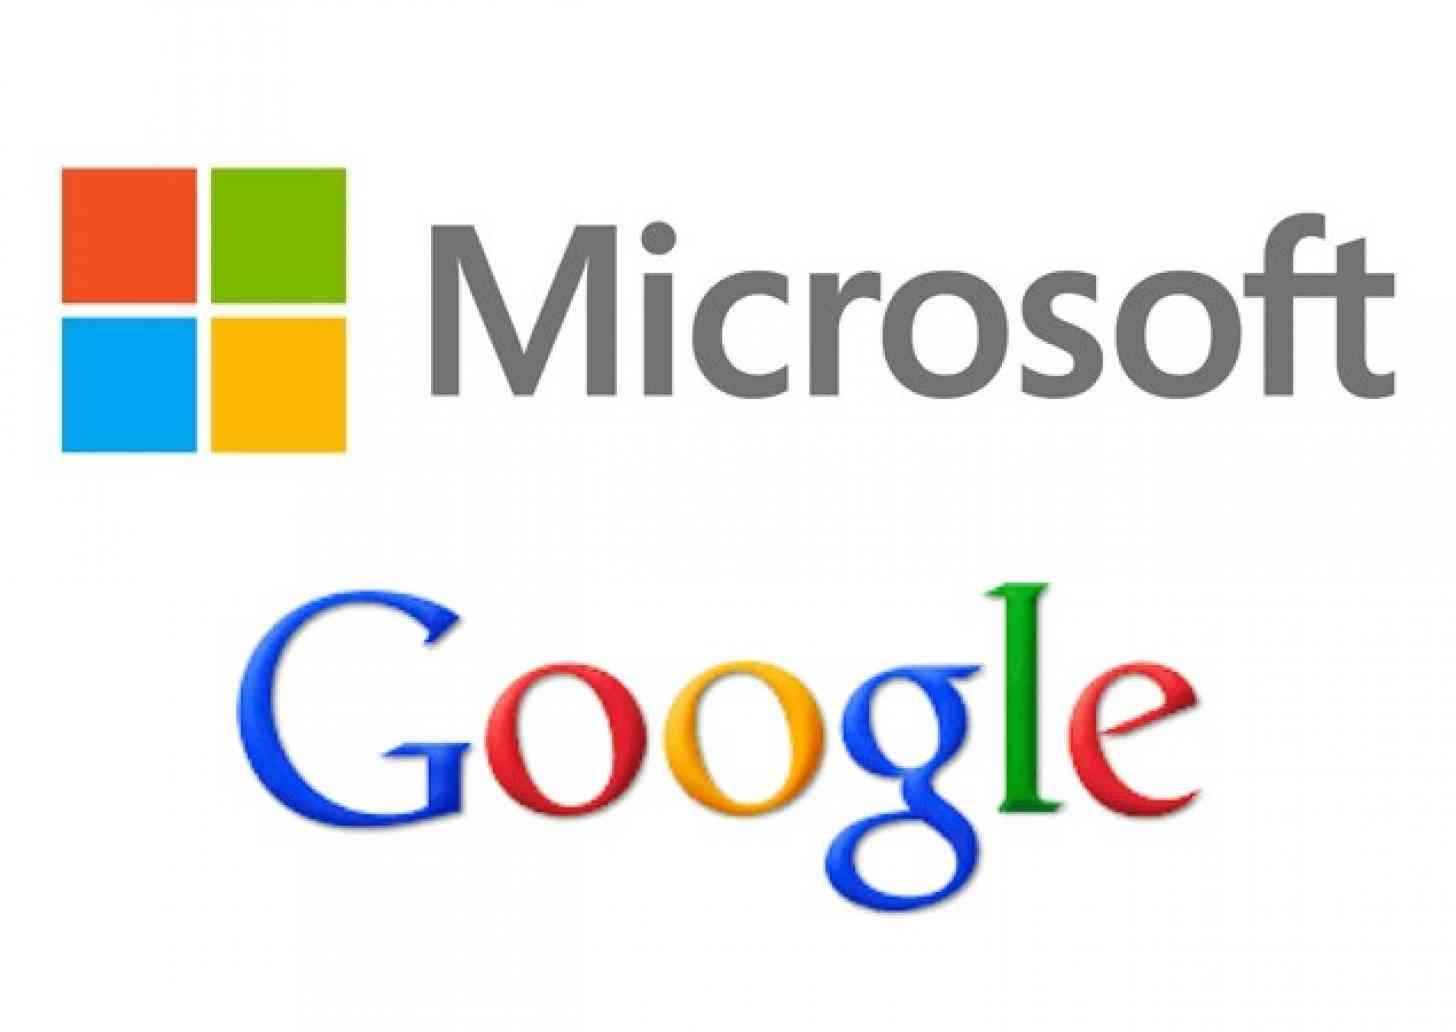 Hasil gambar untuk logo microsoft dan google